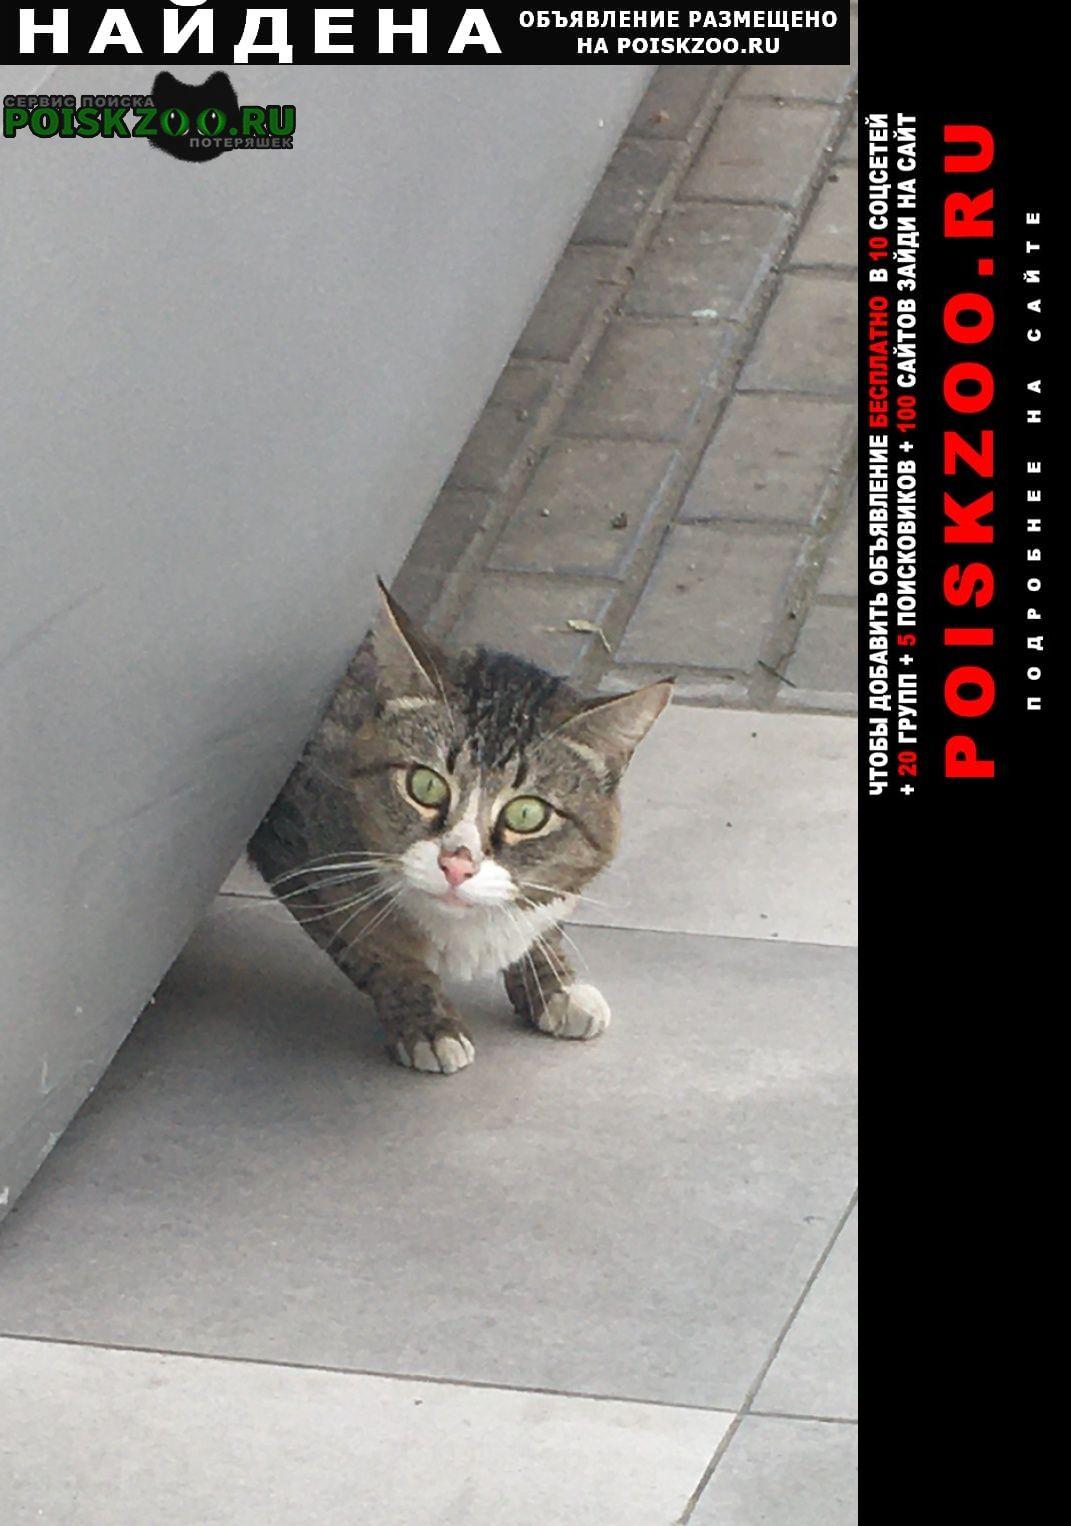 Найден кот или Москва